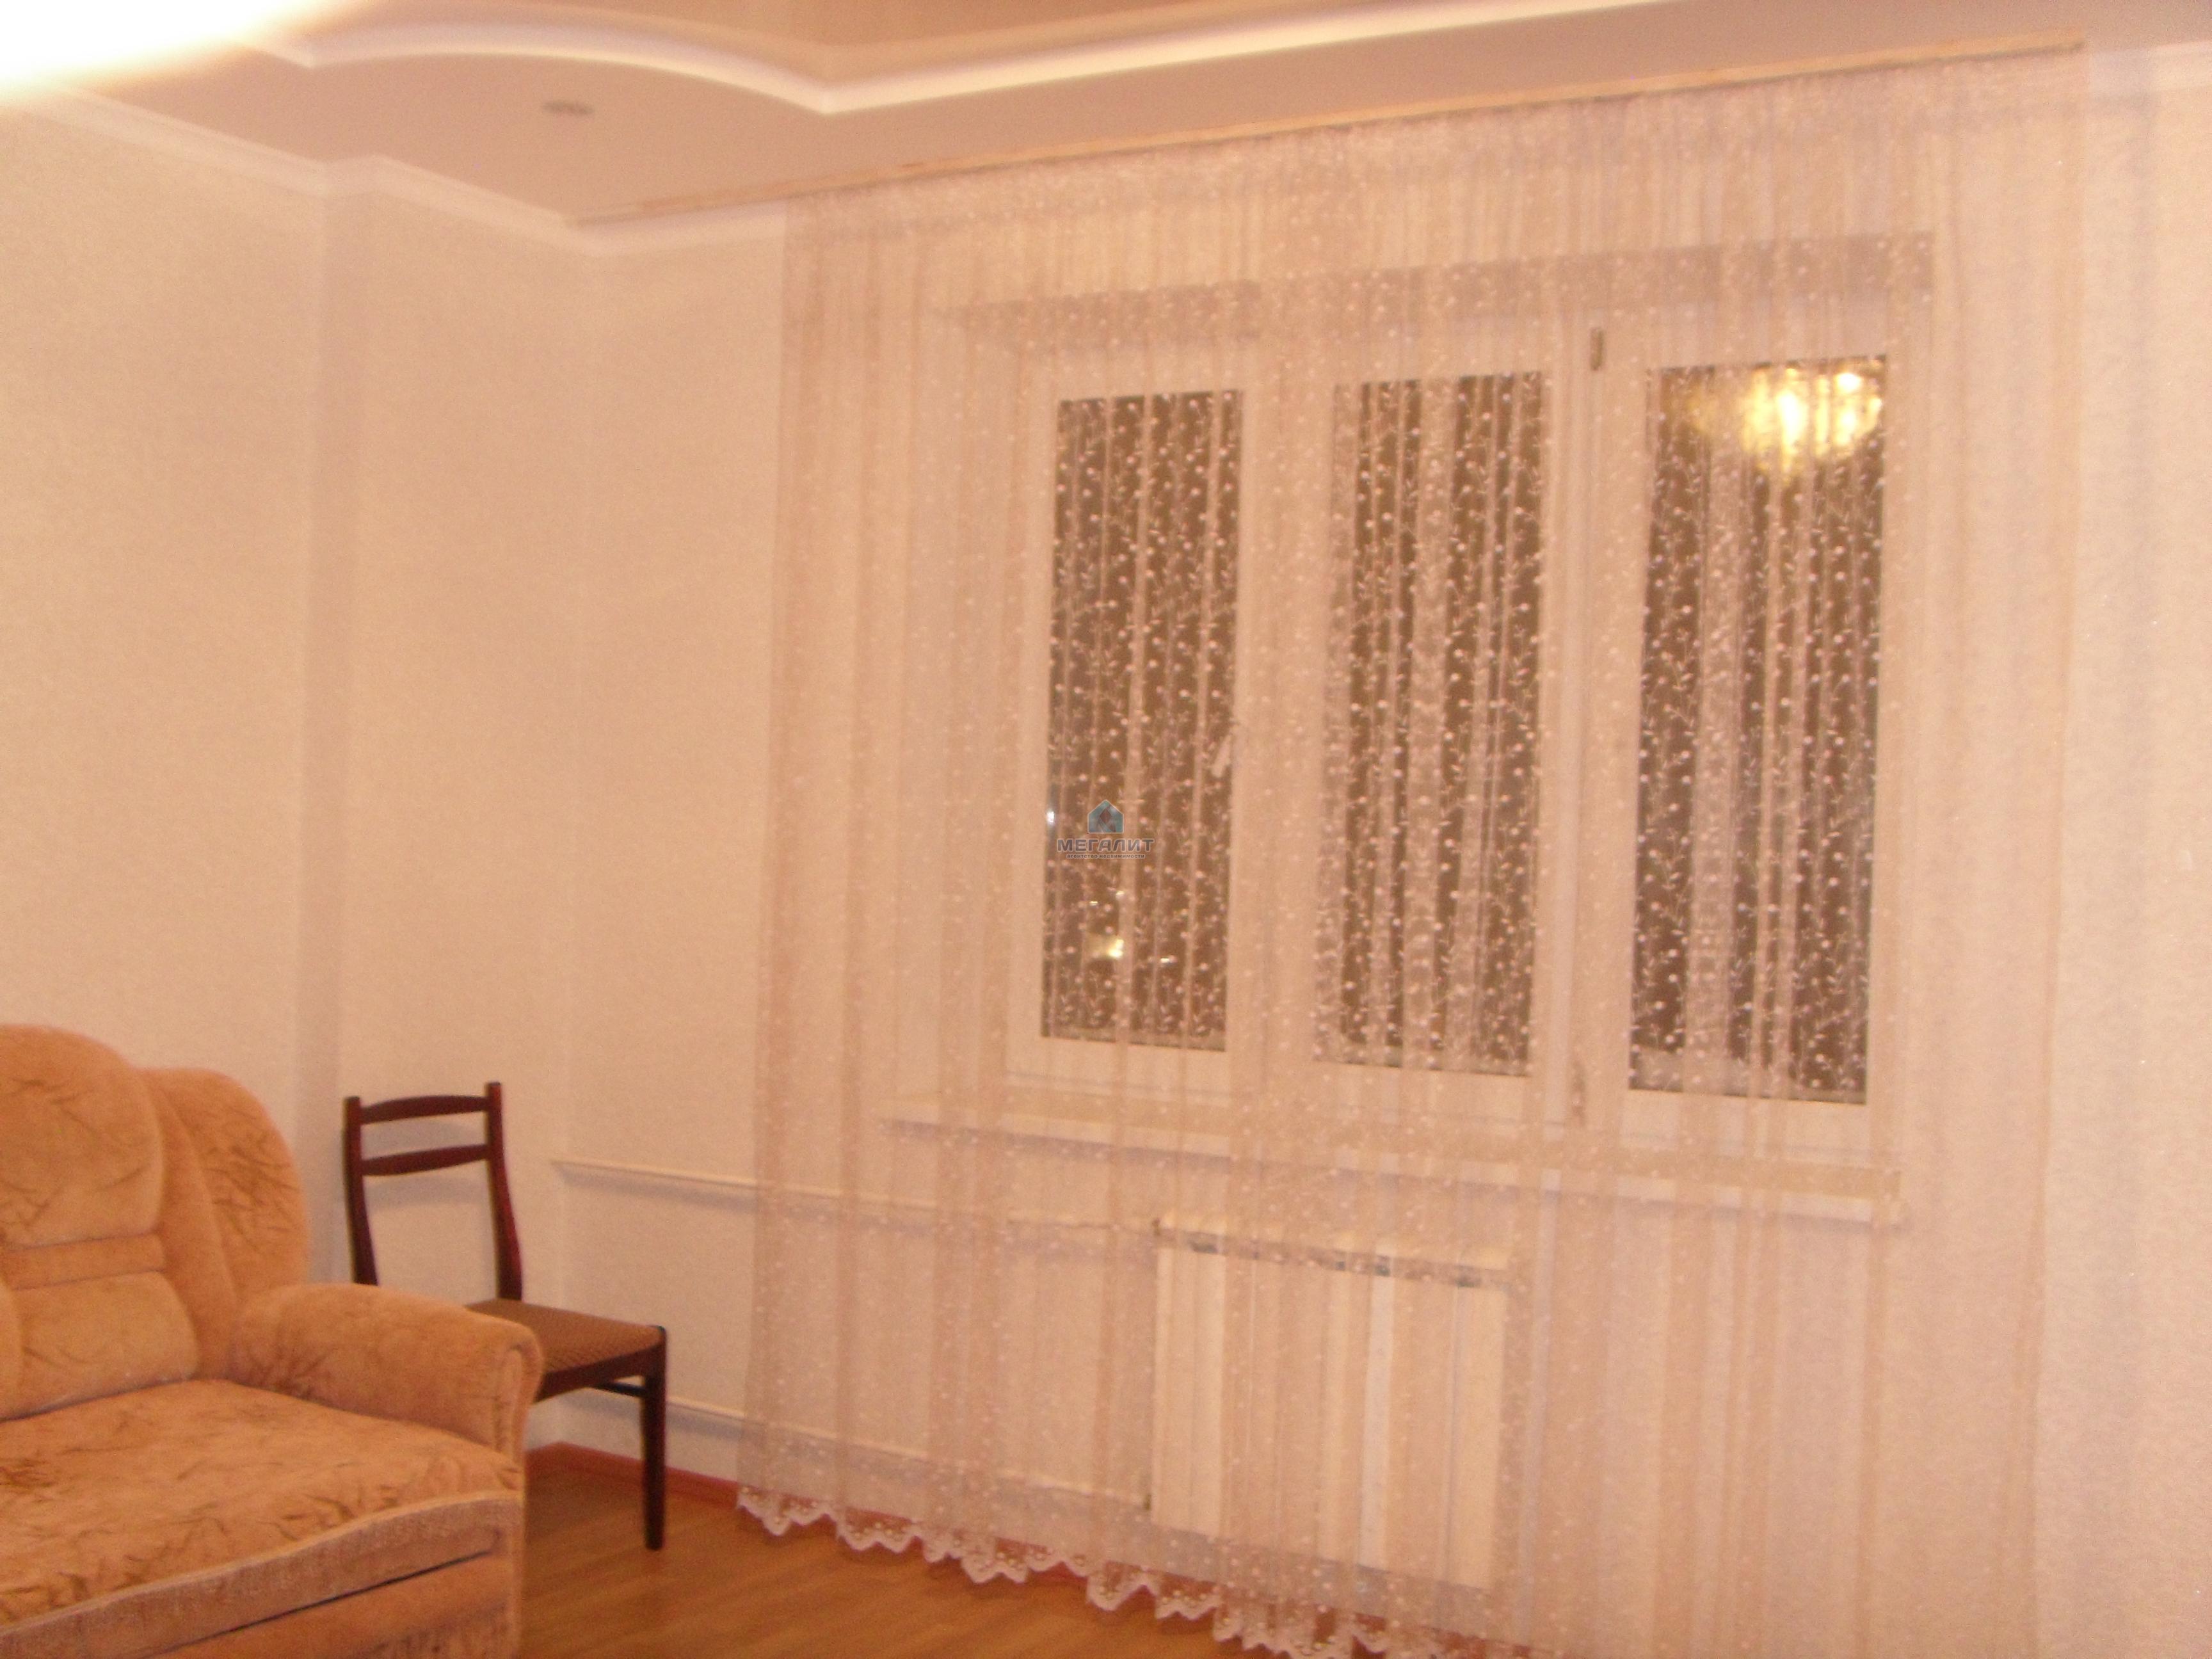 Аренда 3-к квартиры Альберта Камалеева 16, 70 м²  (миниатюра №6)